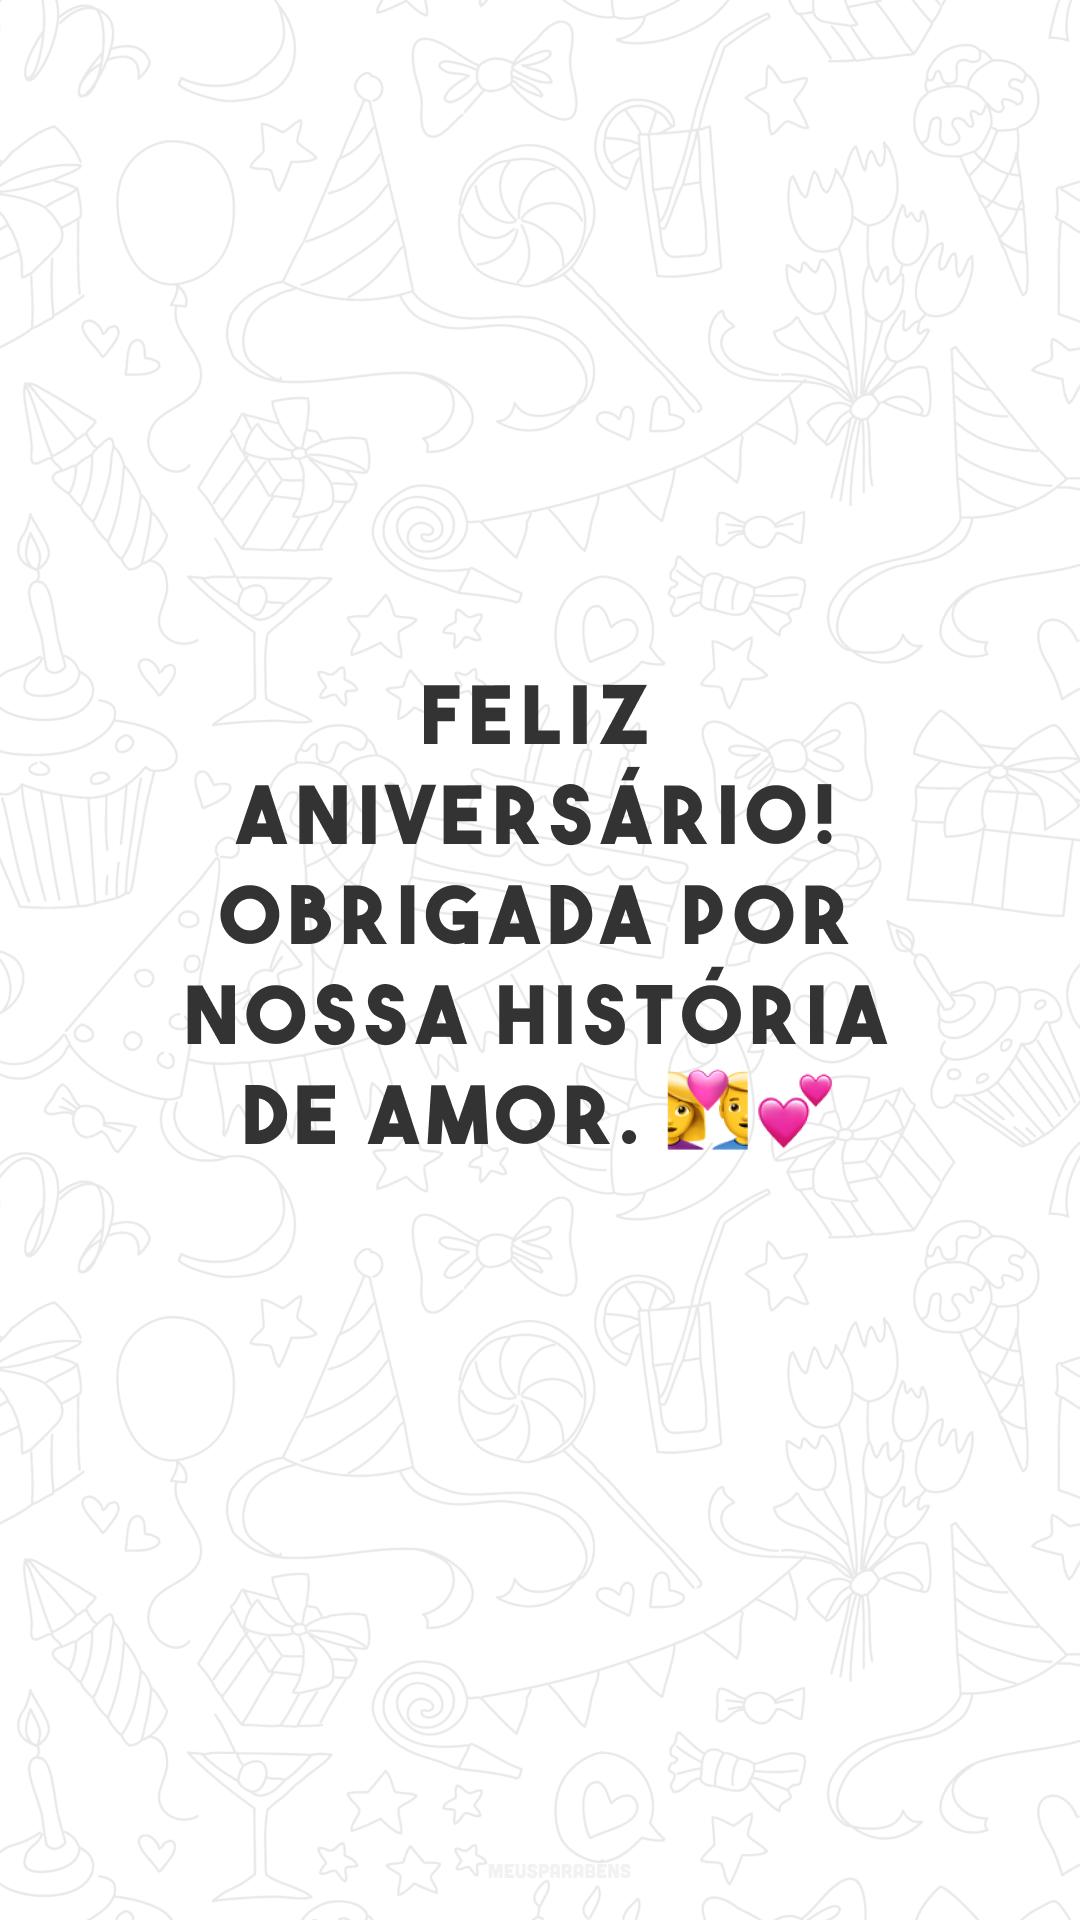 Feliz aniversário! Obrigada por nossa história de amor. ??